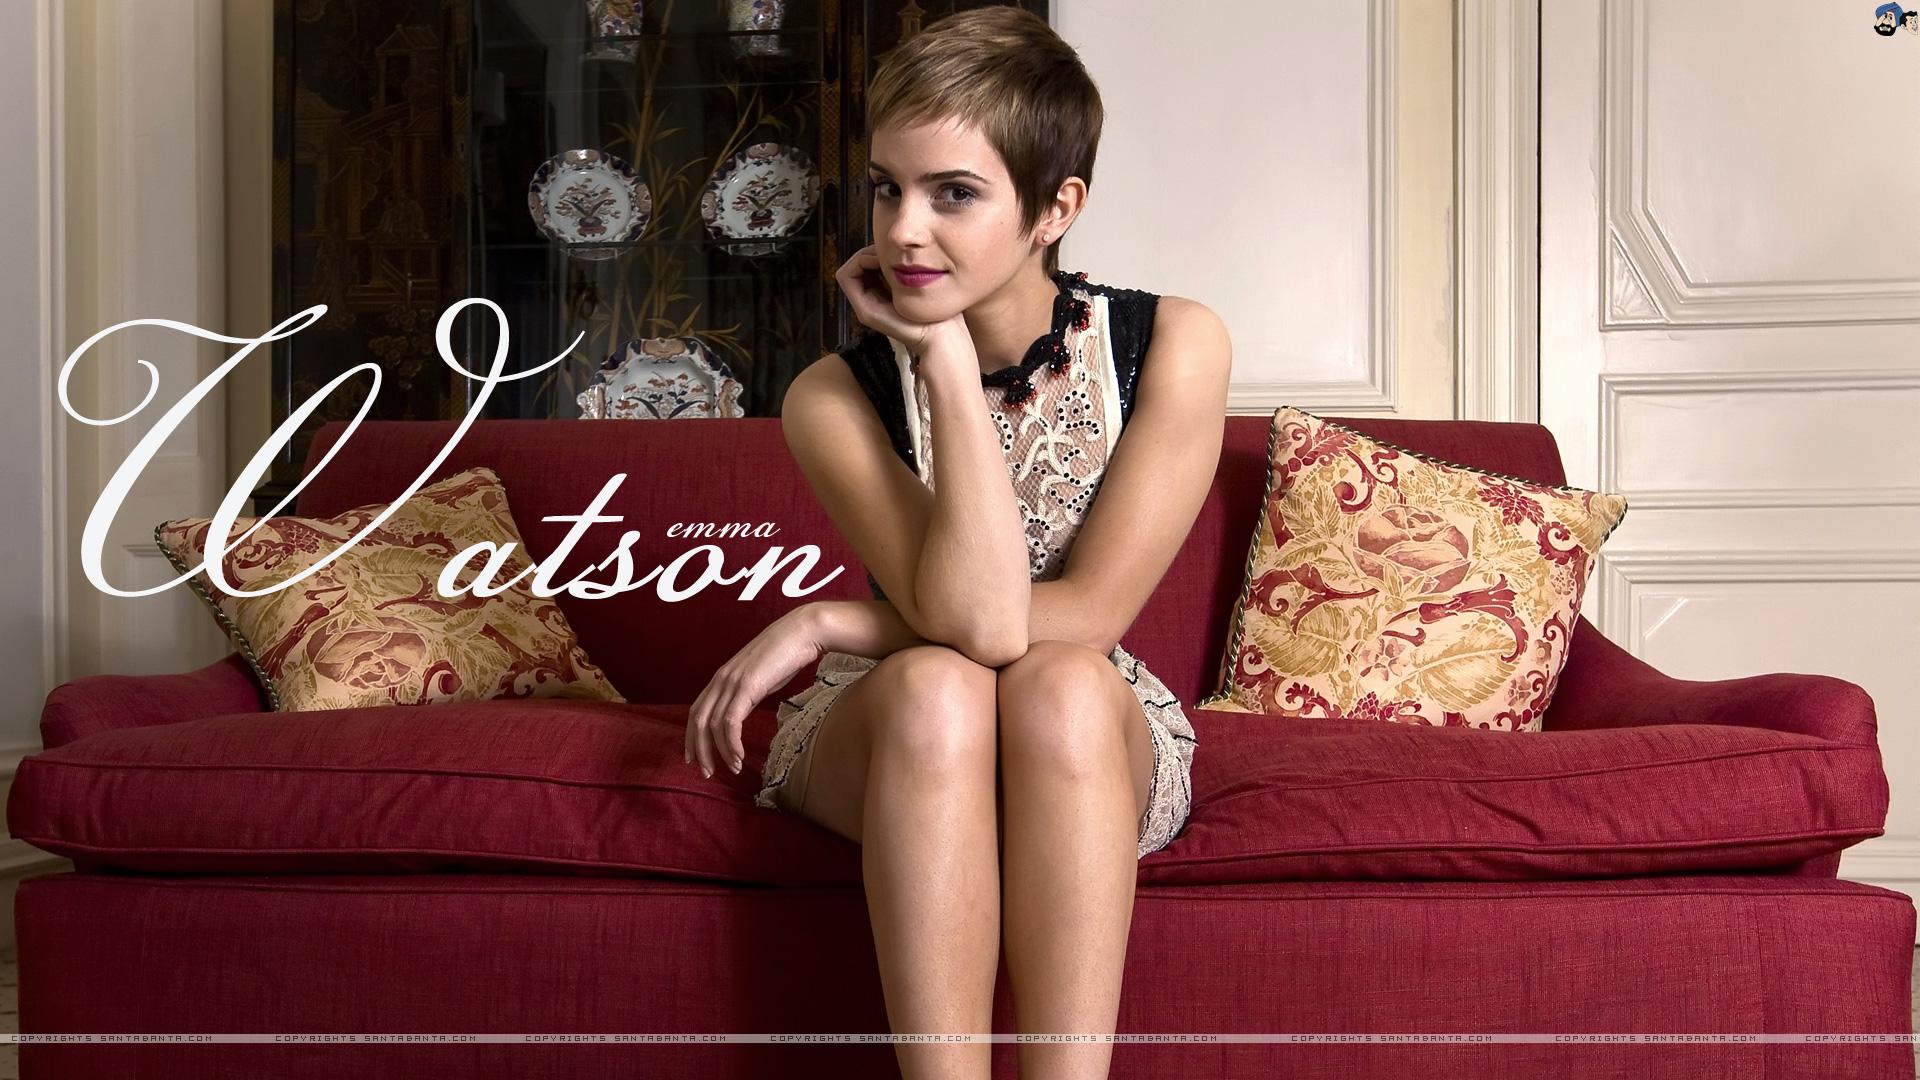 Celebrity - Emma Watson  Wallpaper